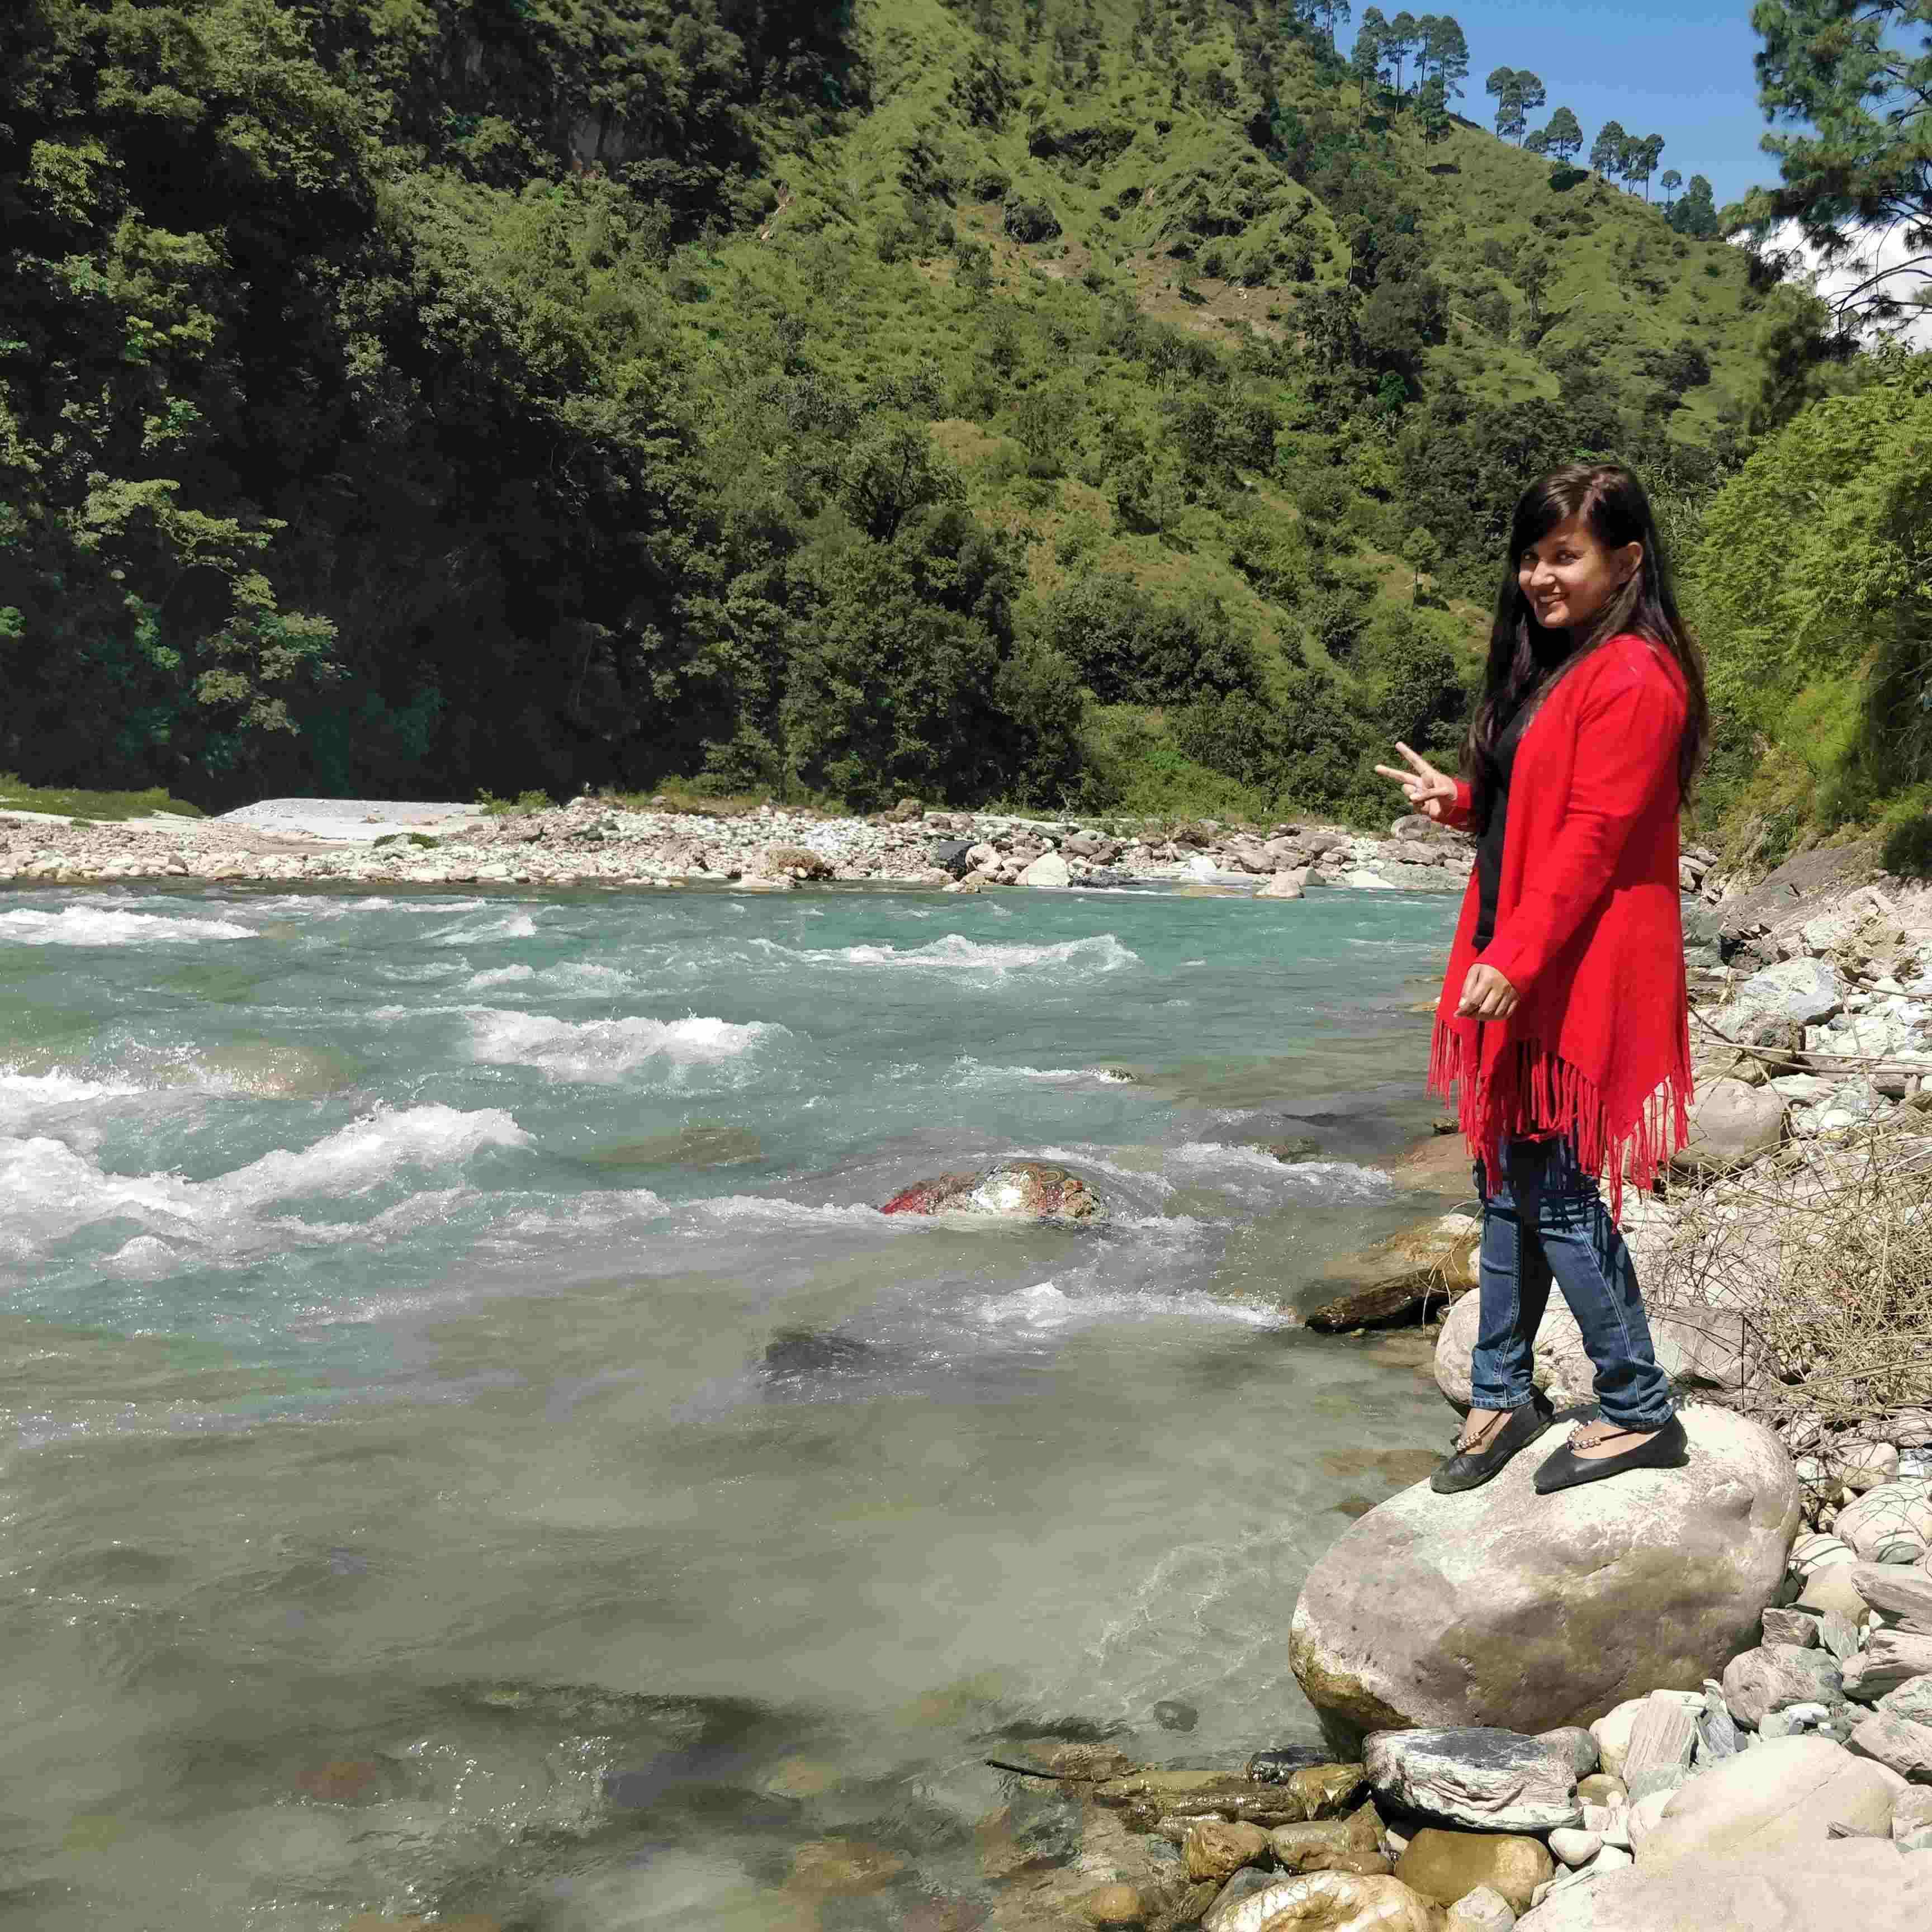 Shreeya Dhapola नज्मों से इश्क़ करती एक पहाड़ी लड़की 😍